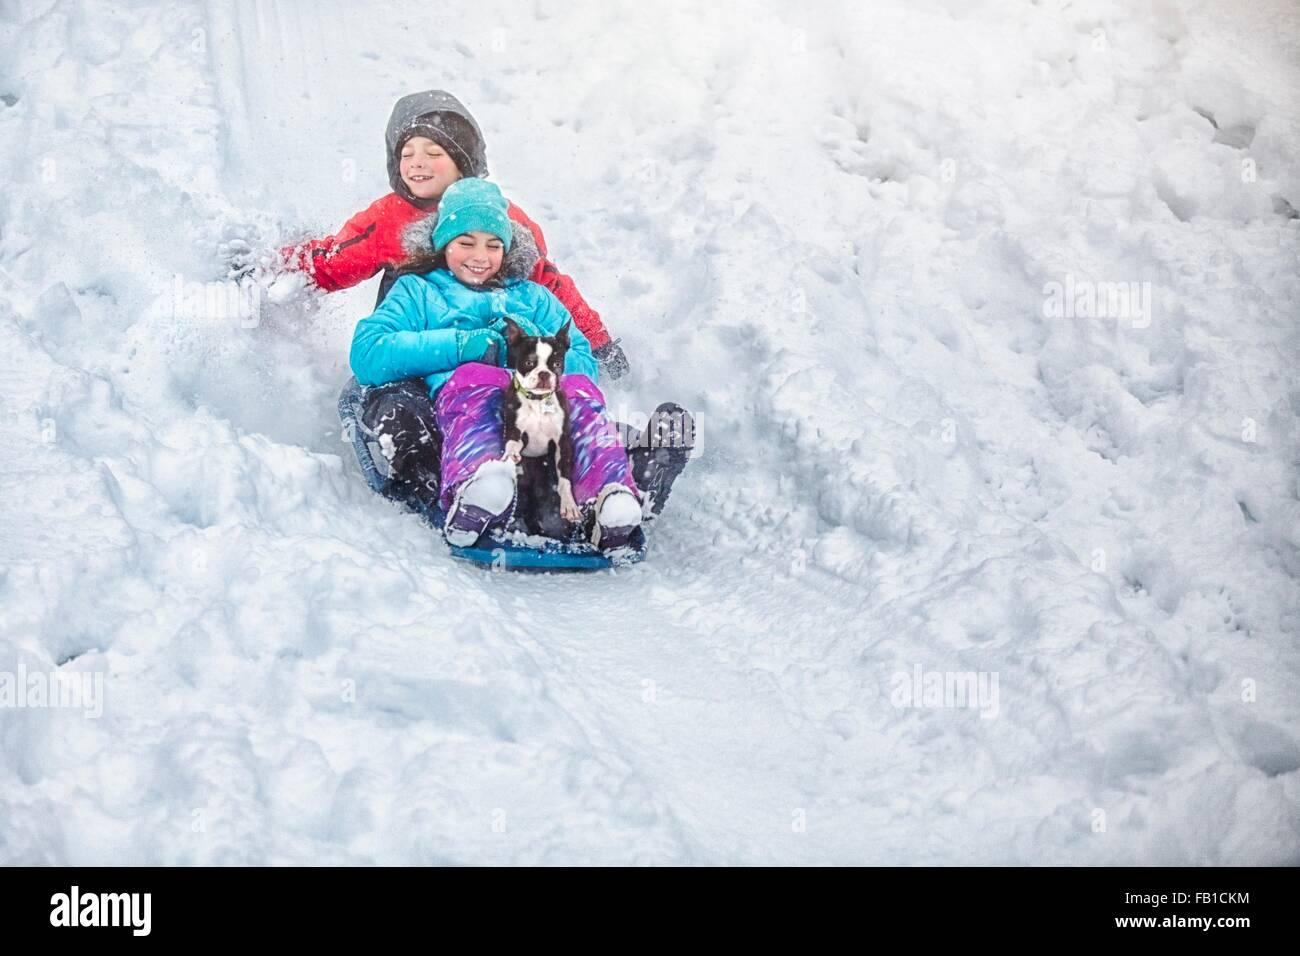 Hermano y hermana trineo con Boston Terrier cachorro en laderas cubiertas de nieve sonriente Imagen De Stock